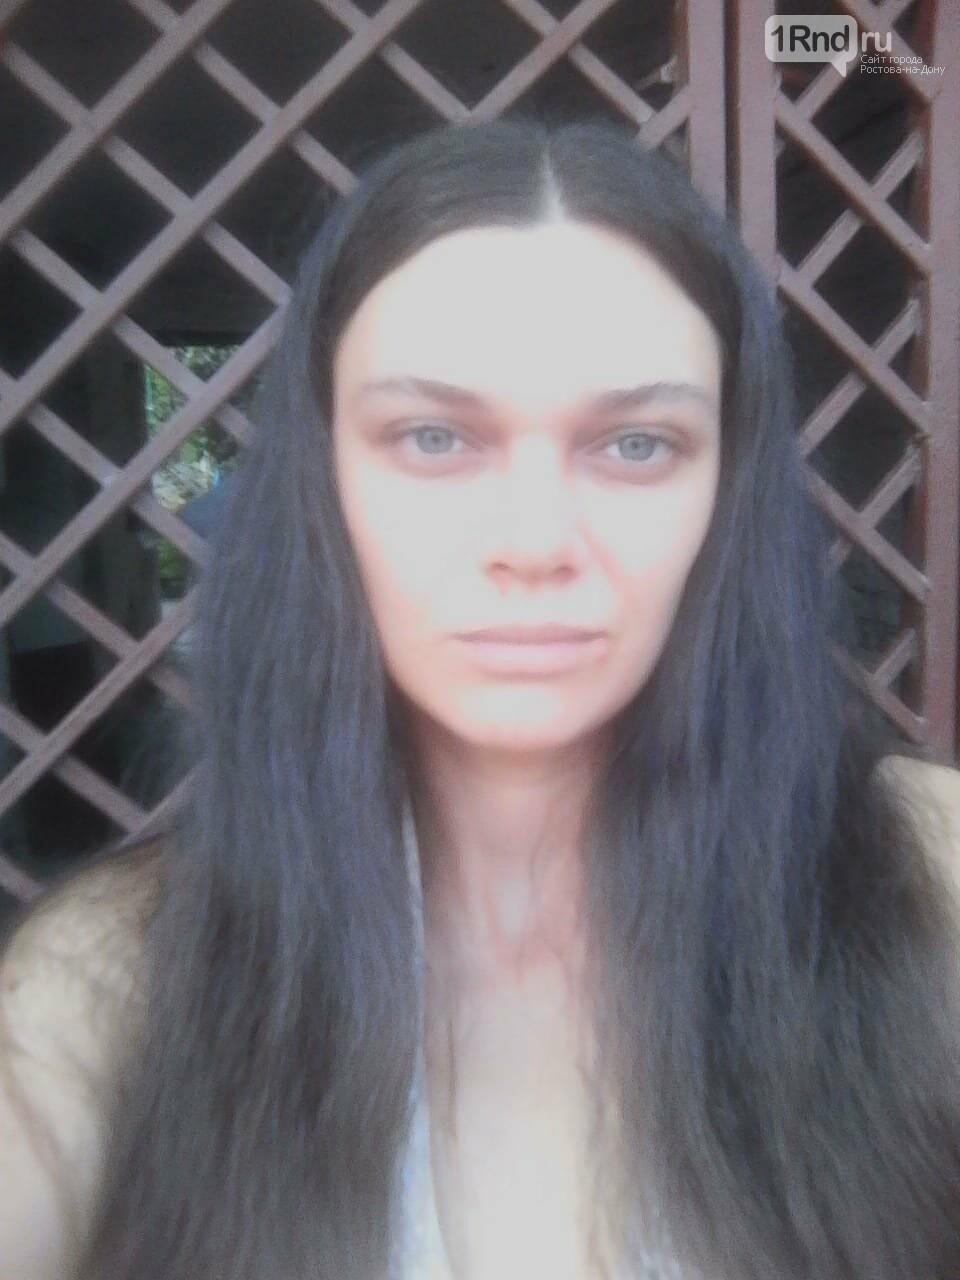 В Пролетарском районе Ростова пропала девушка, фото-1